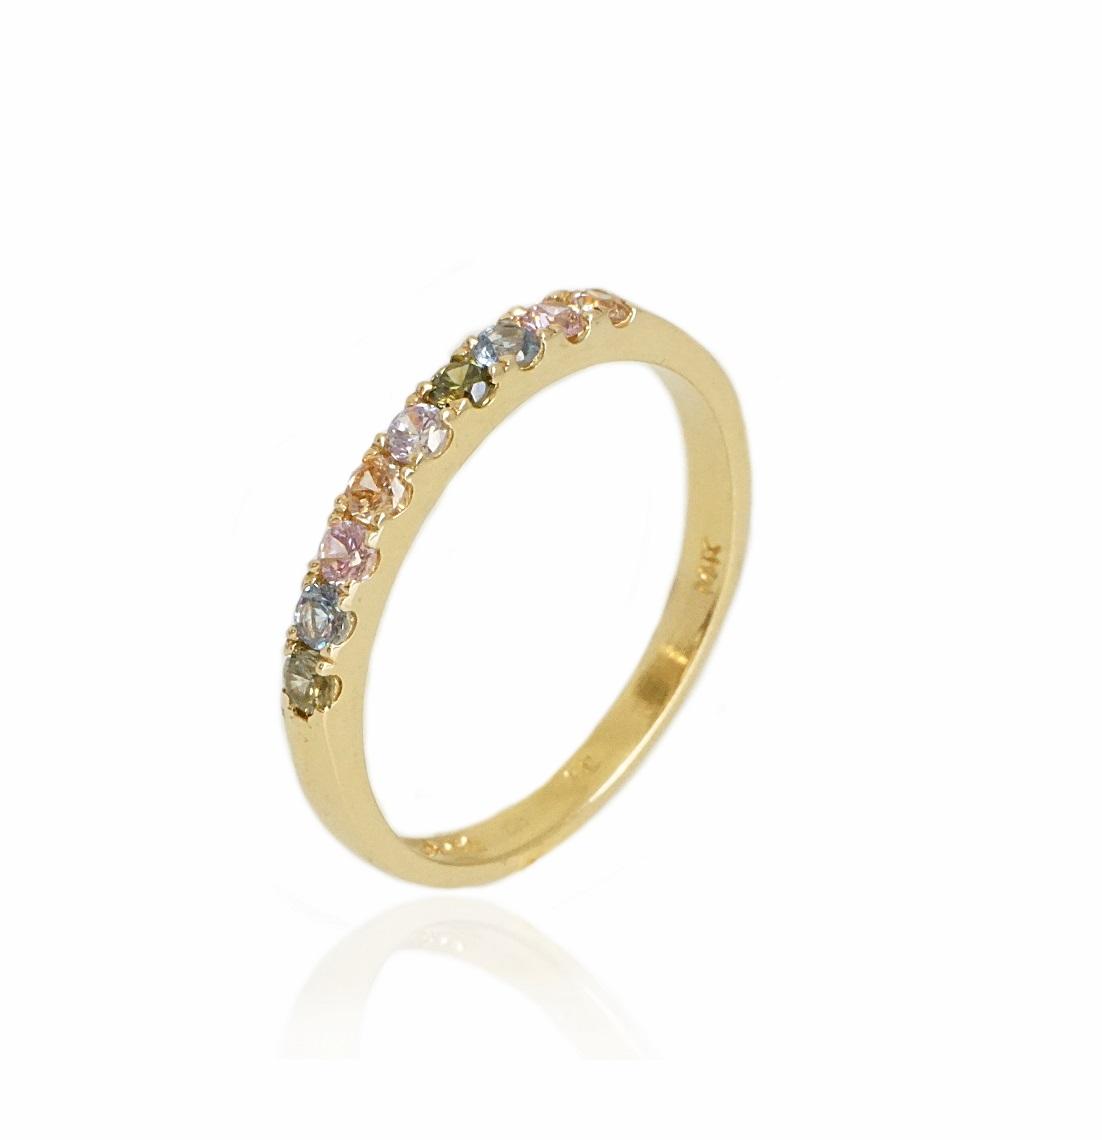 טבעת איטרניטי  זרקונים צבעוניות ורודות בזהב 14 קרט|טבעת זהב משלימה